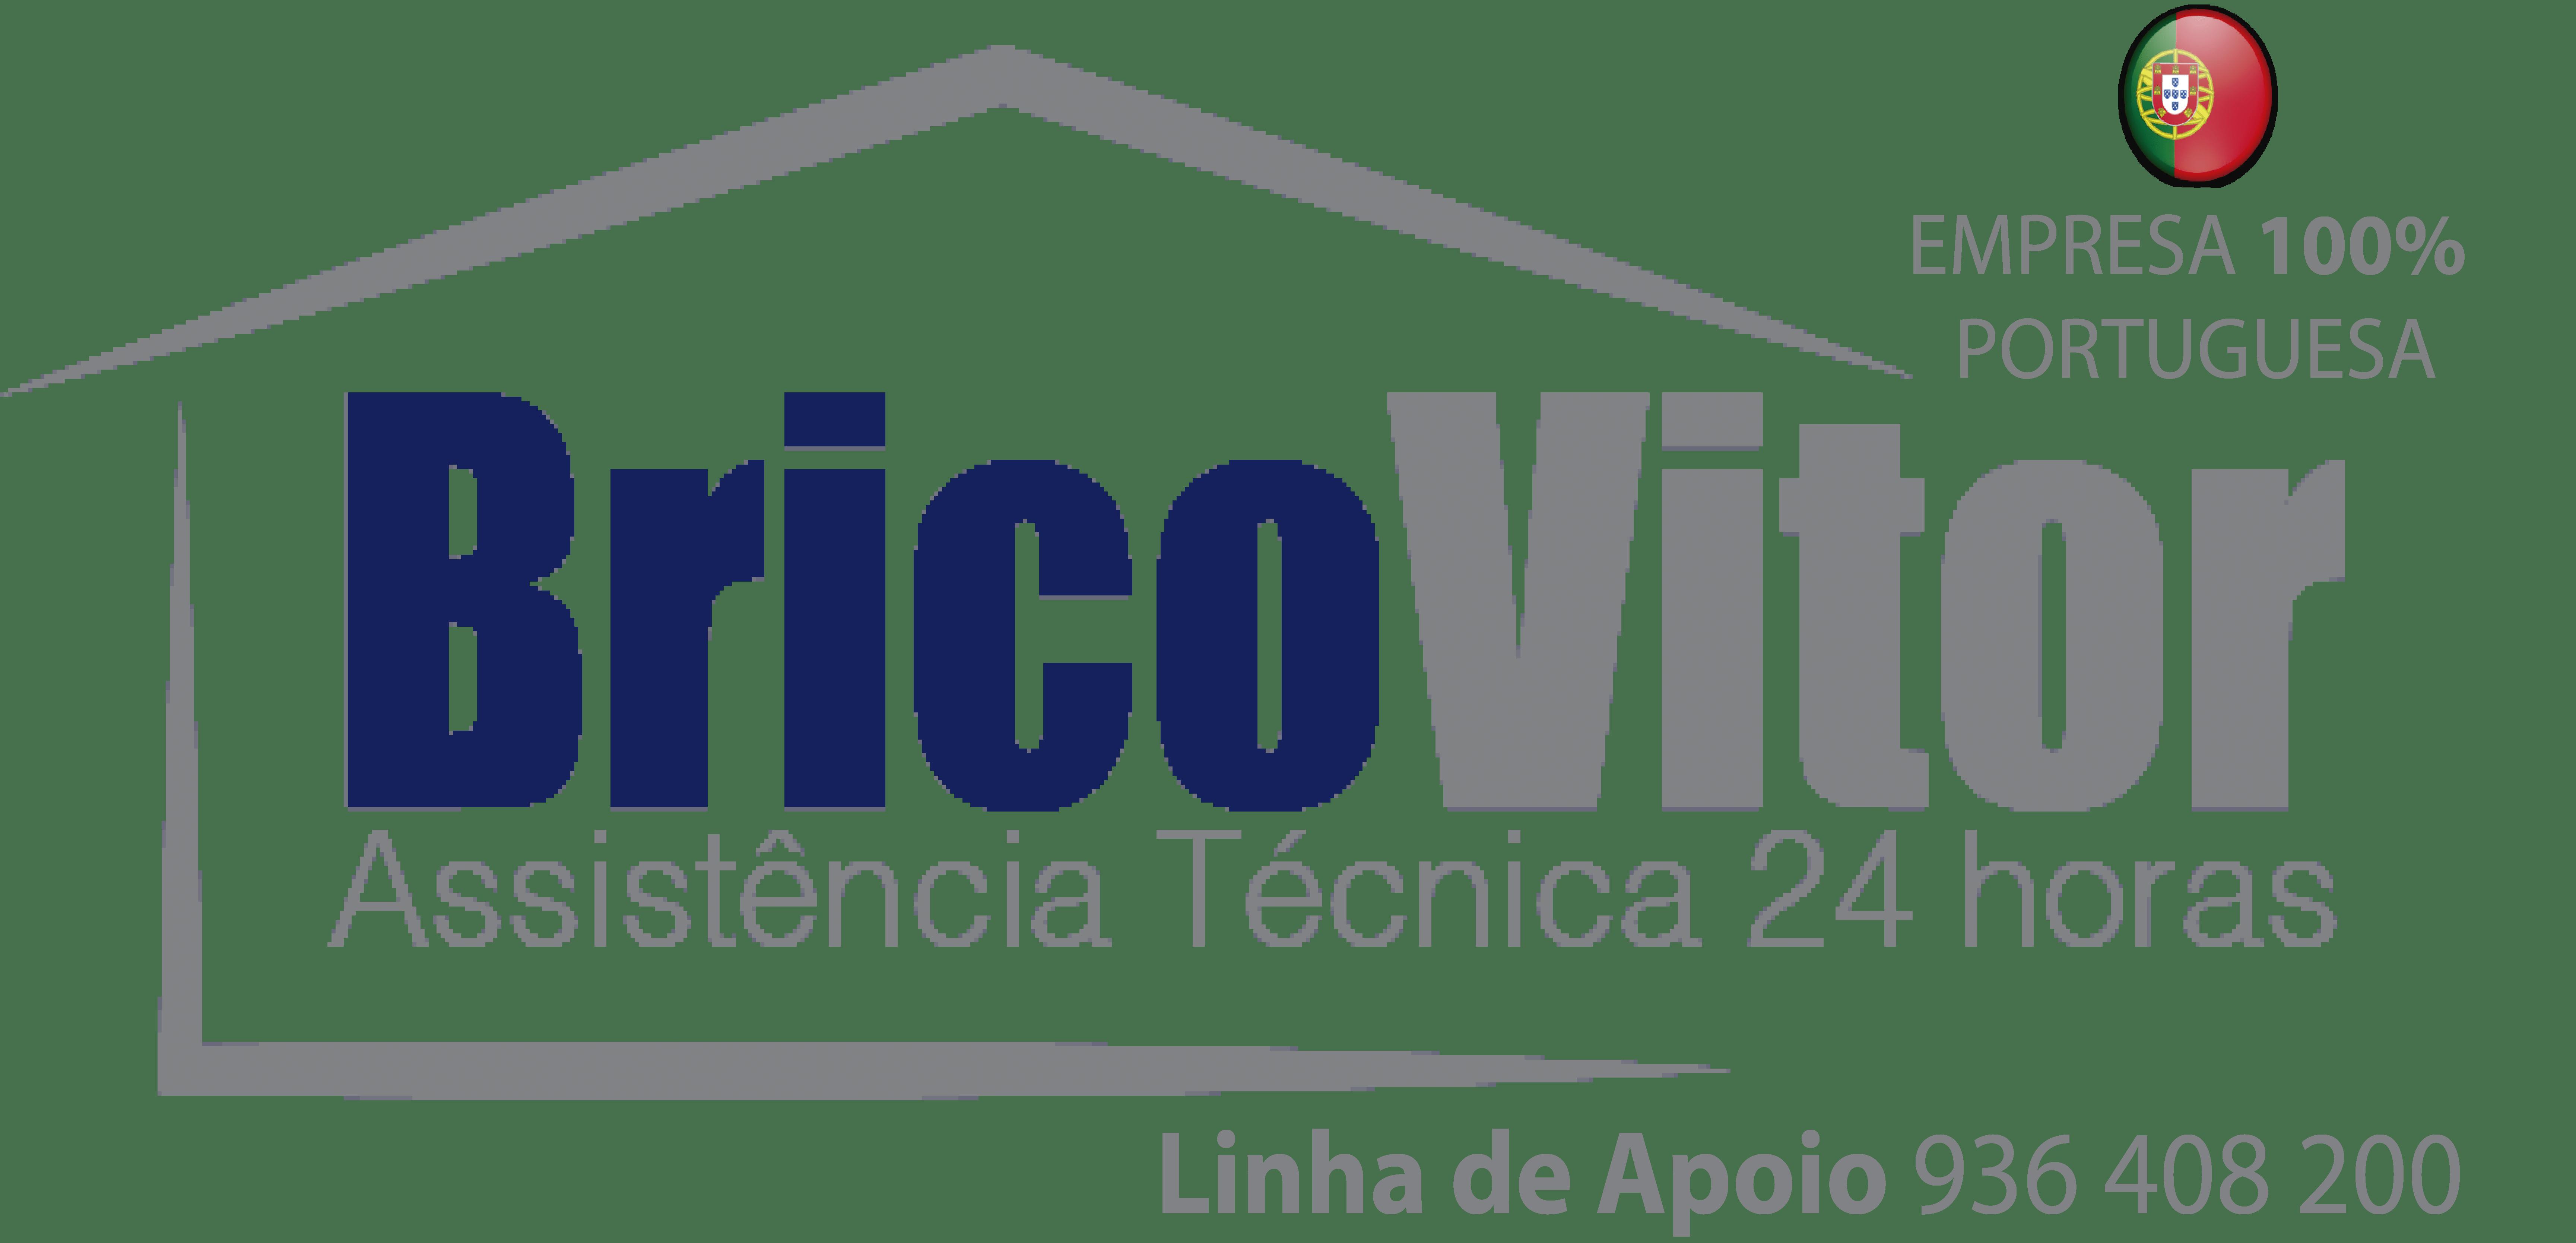 Desentupimentos Viana do Castelo